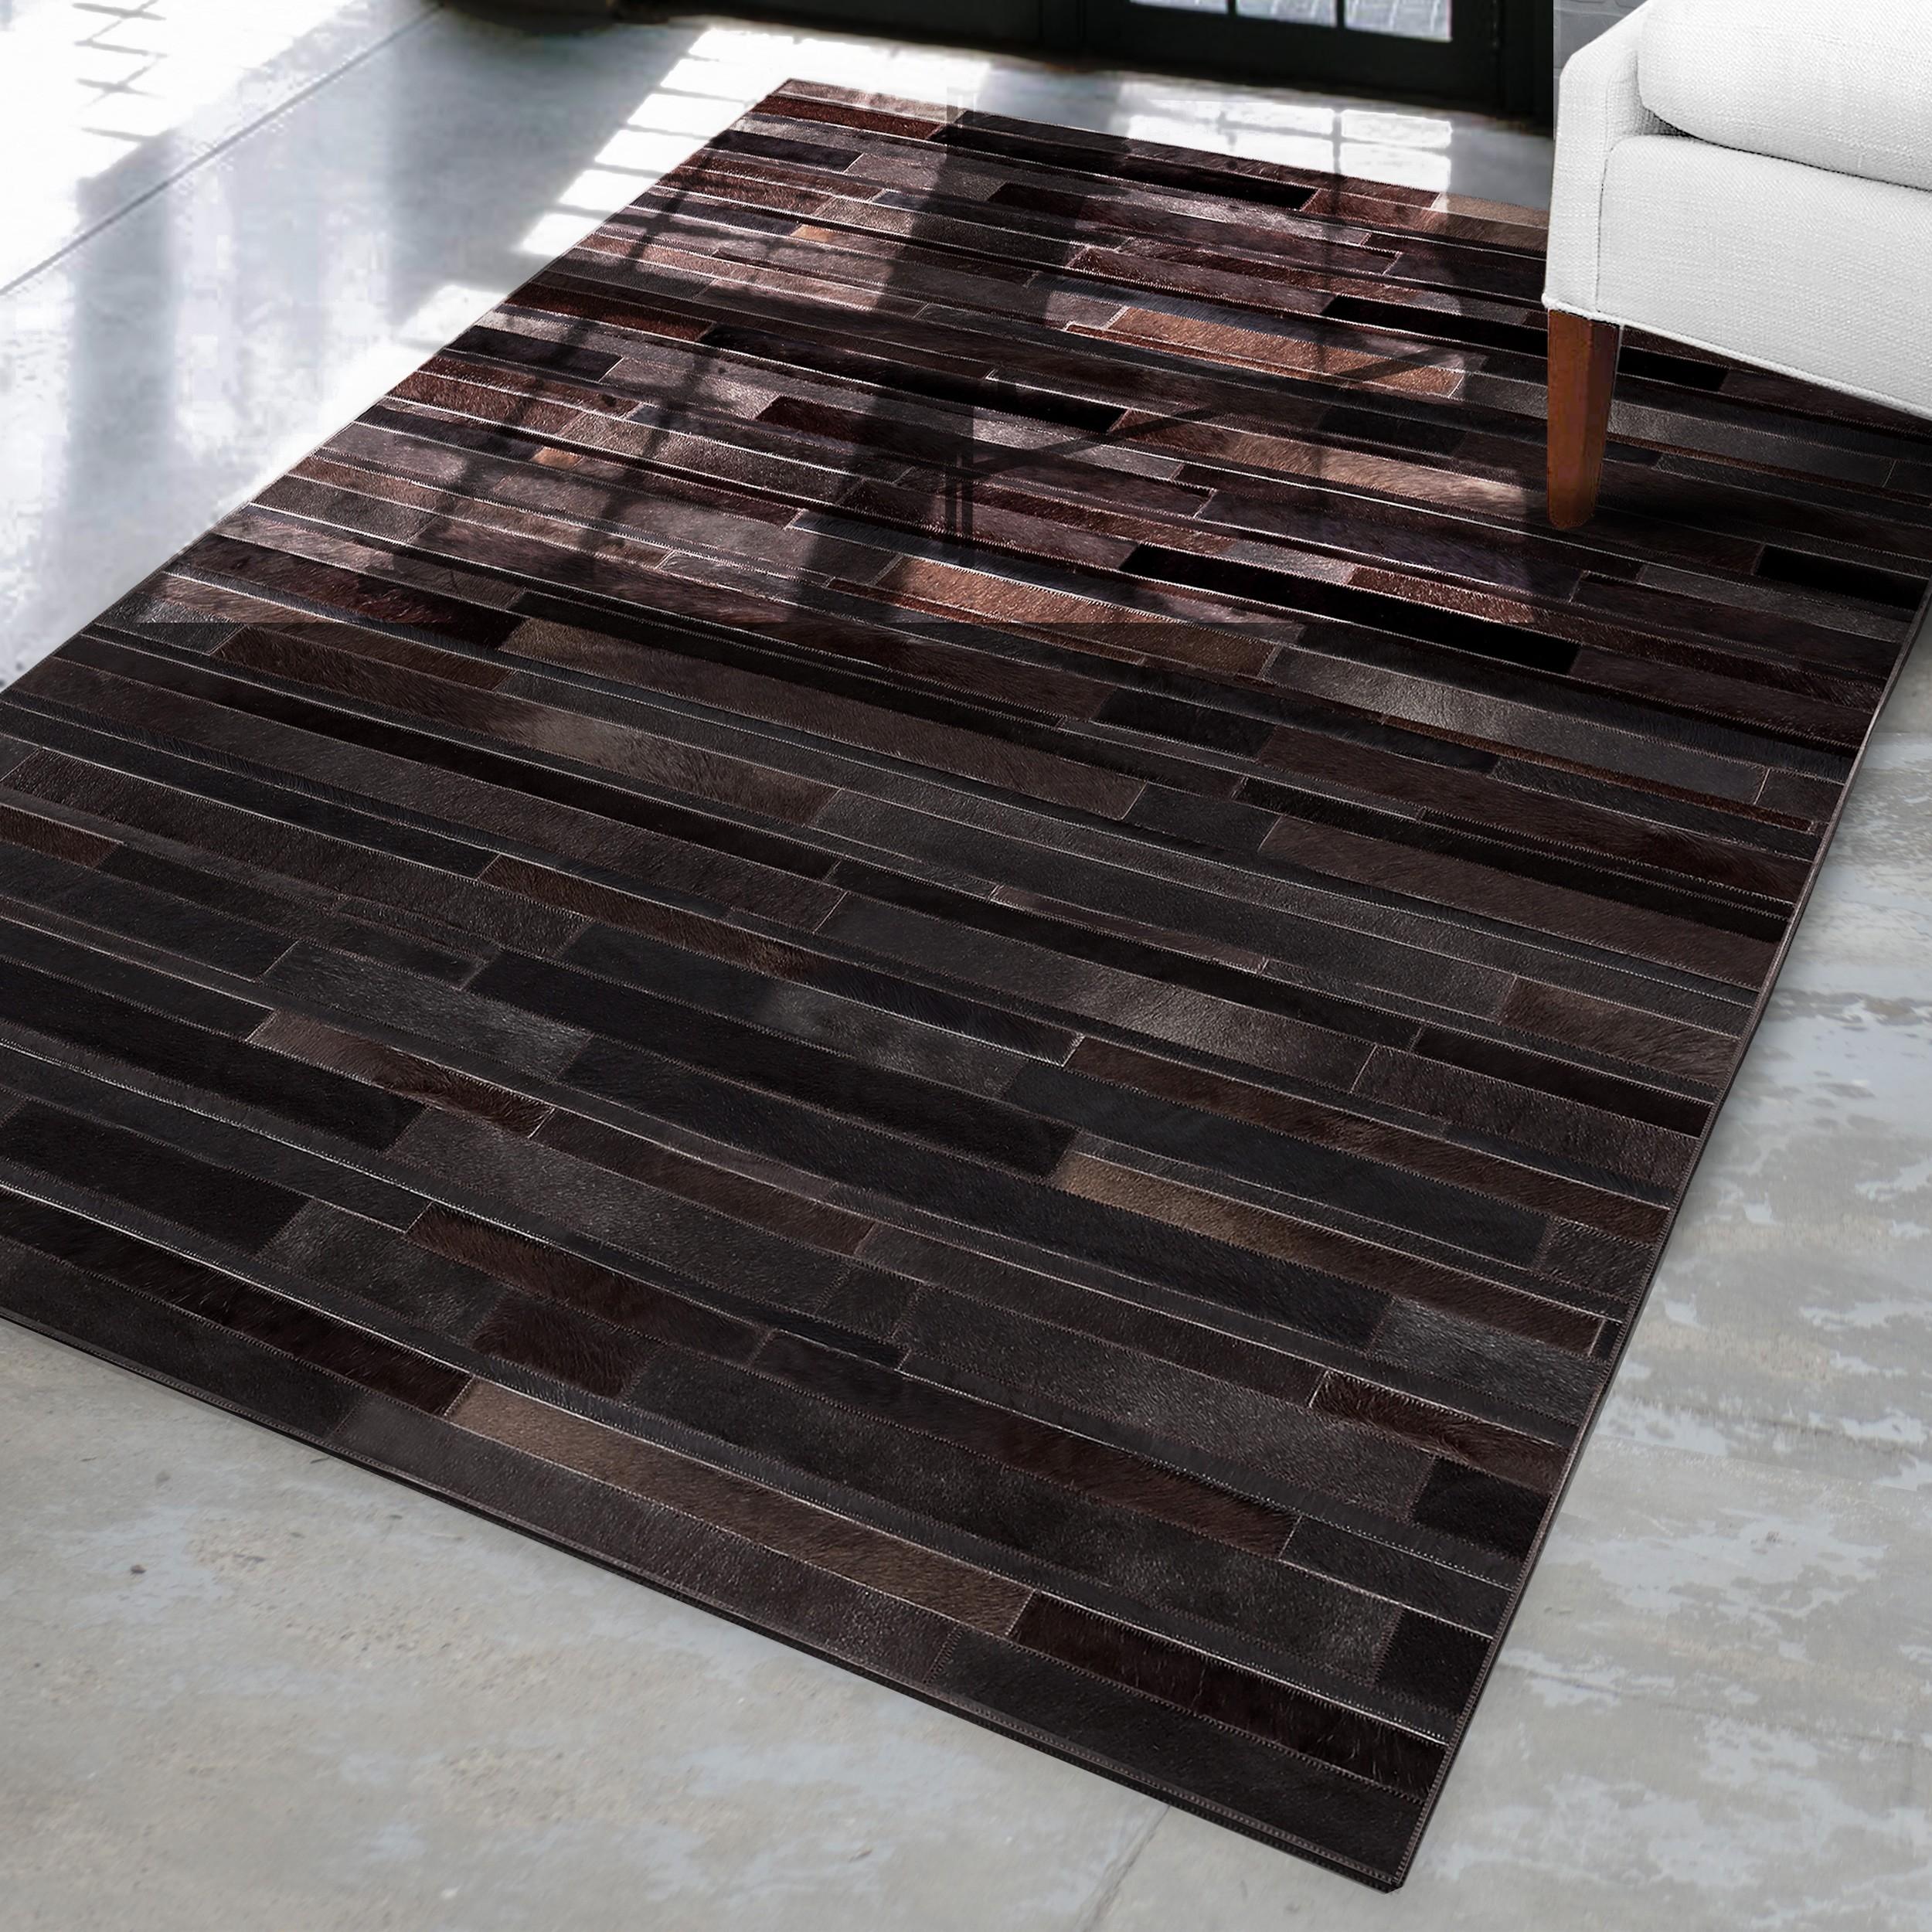 tapis cuir vivek marron 160x230 cm achetez nos tapis cuir vivek marron 160x230 cm votre d co. Black Bedroom Furniture Sets. Home Design Ideas